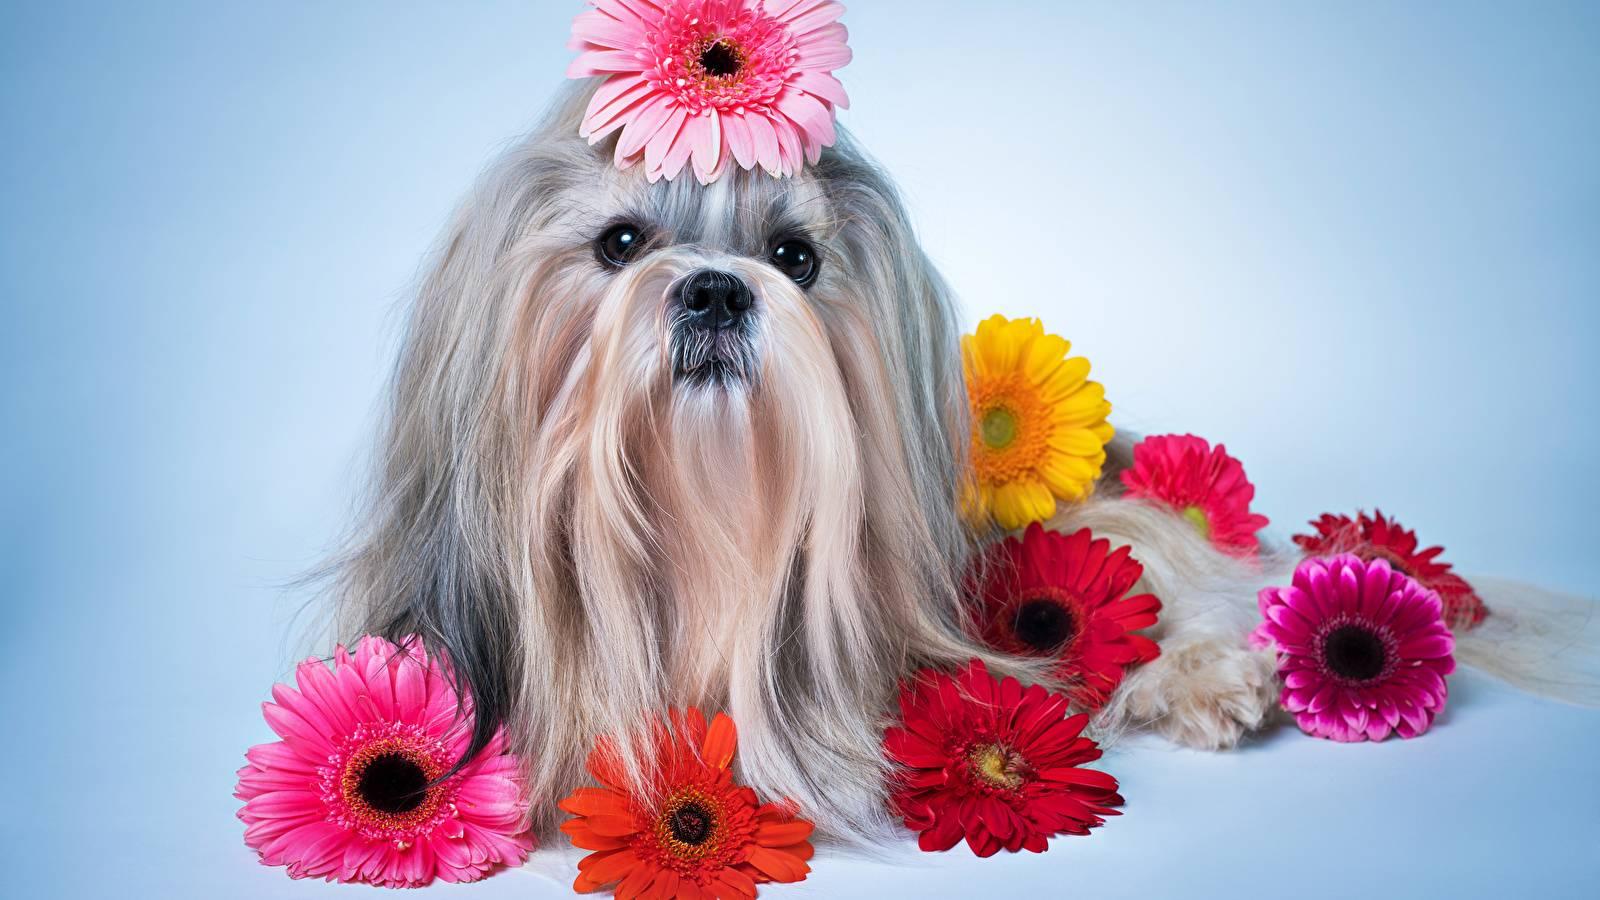 Перхоть у собаки причины и лечение. У собаки перхоть и выпадает шерсть